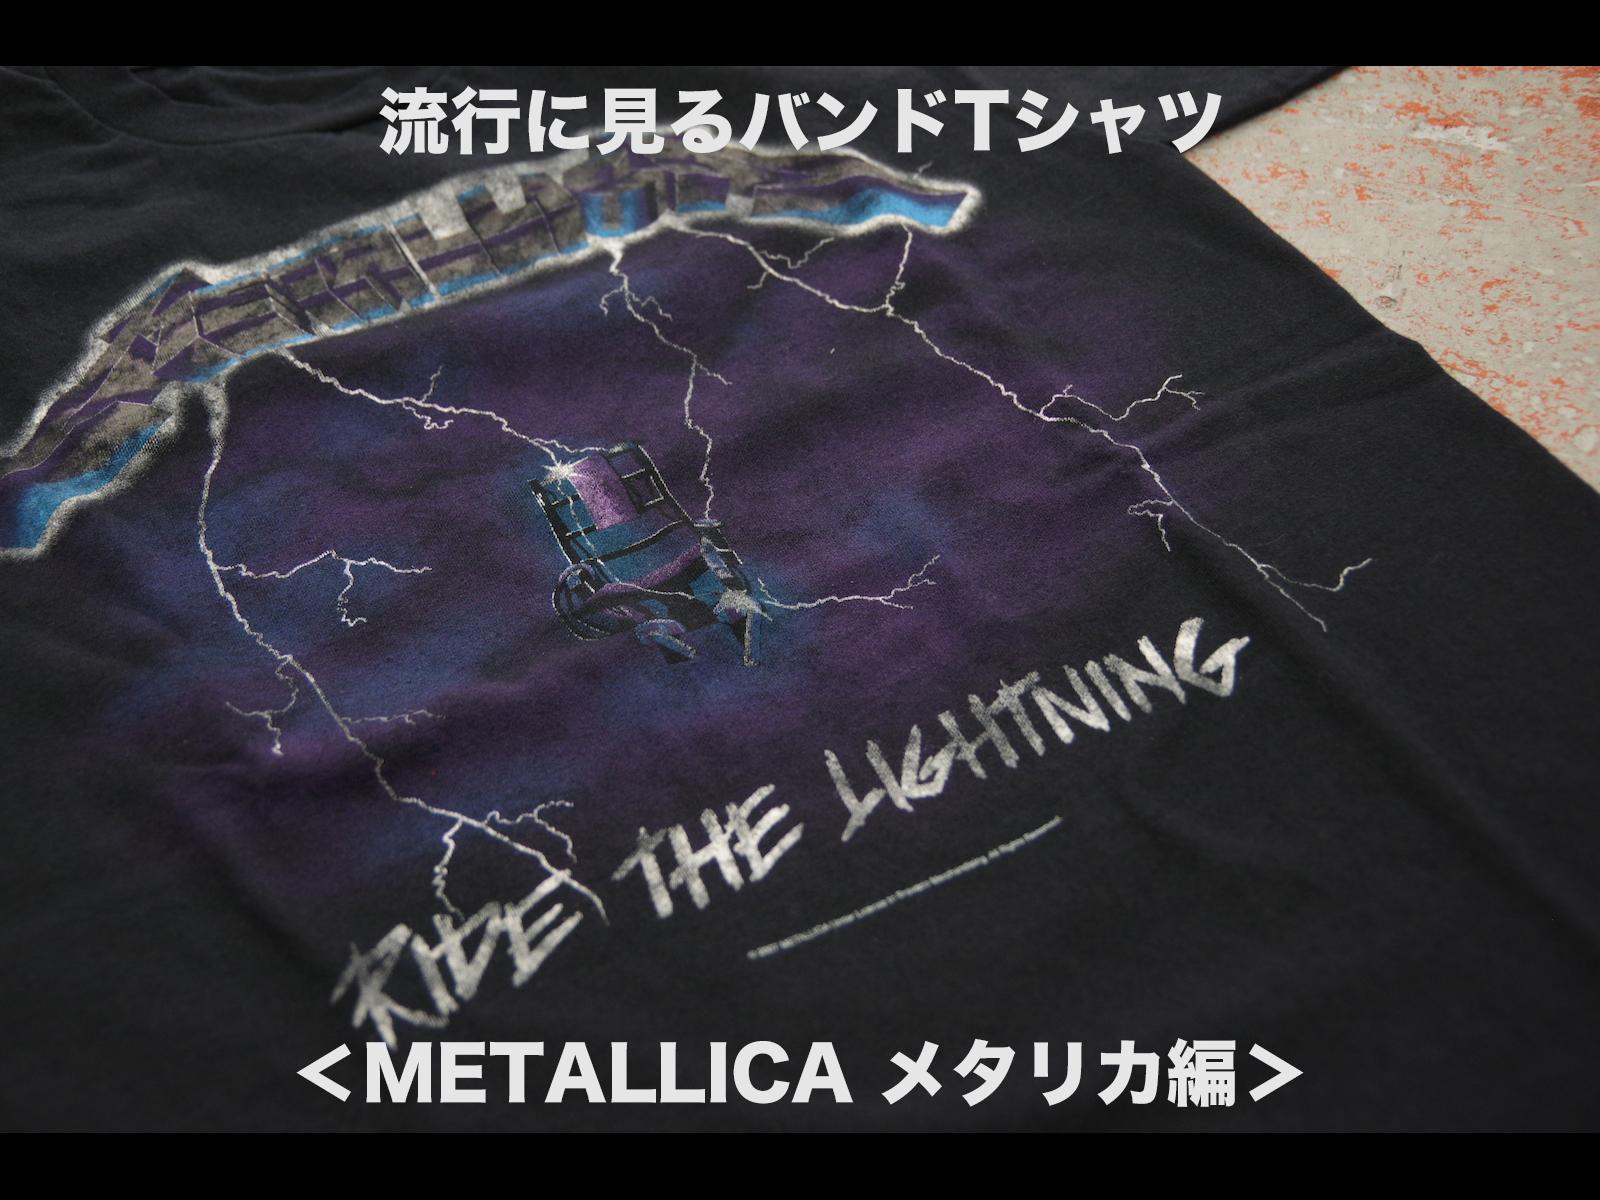 バンドTシャツ [METALLICA] メタリカを知る。